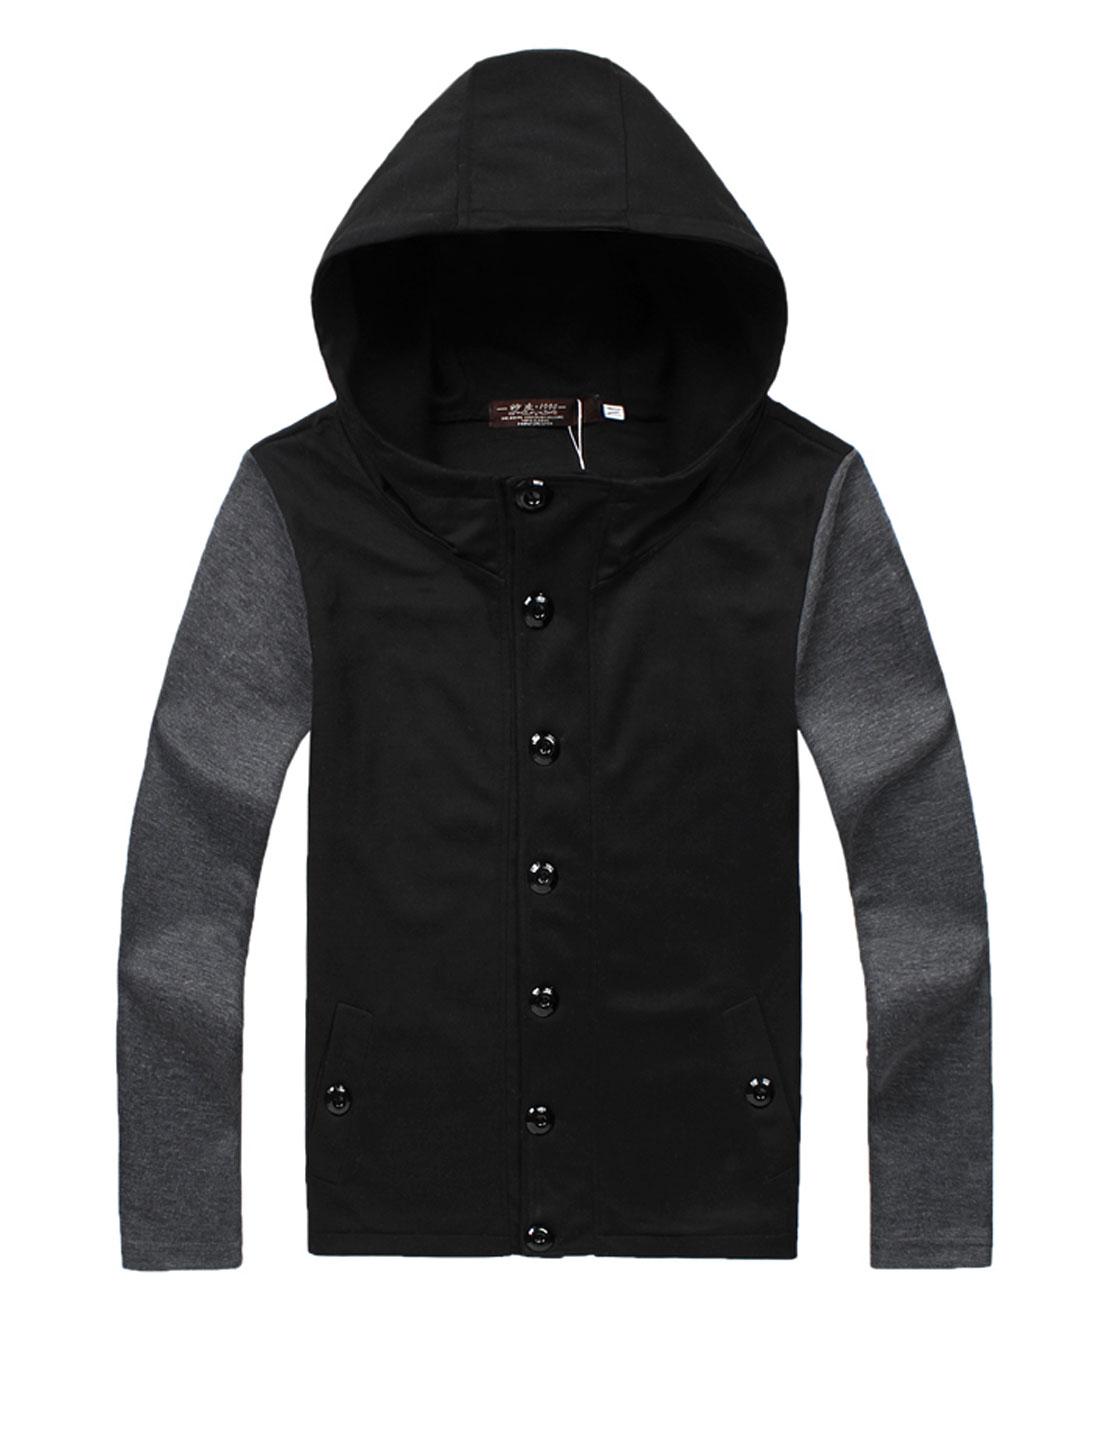 Man's Single Breasted Long Sleeve Hoodie Sweatshirt w Hip Pocket Pants Black S